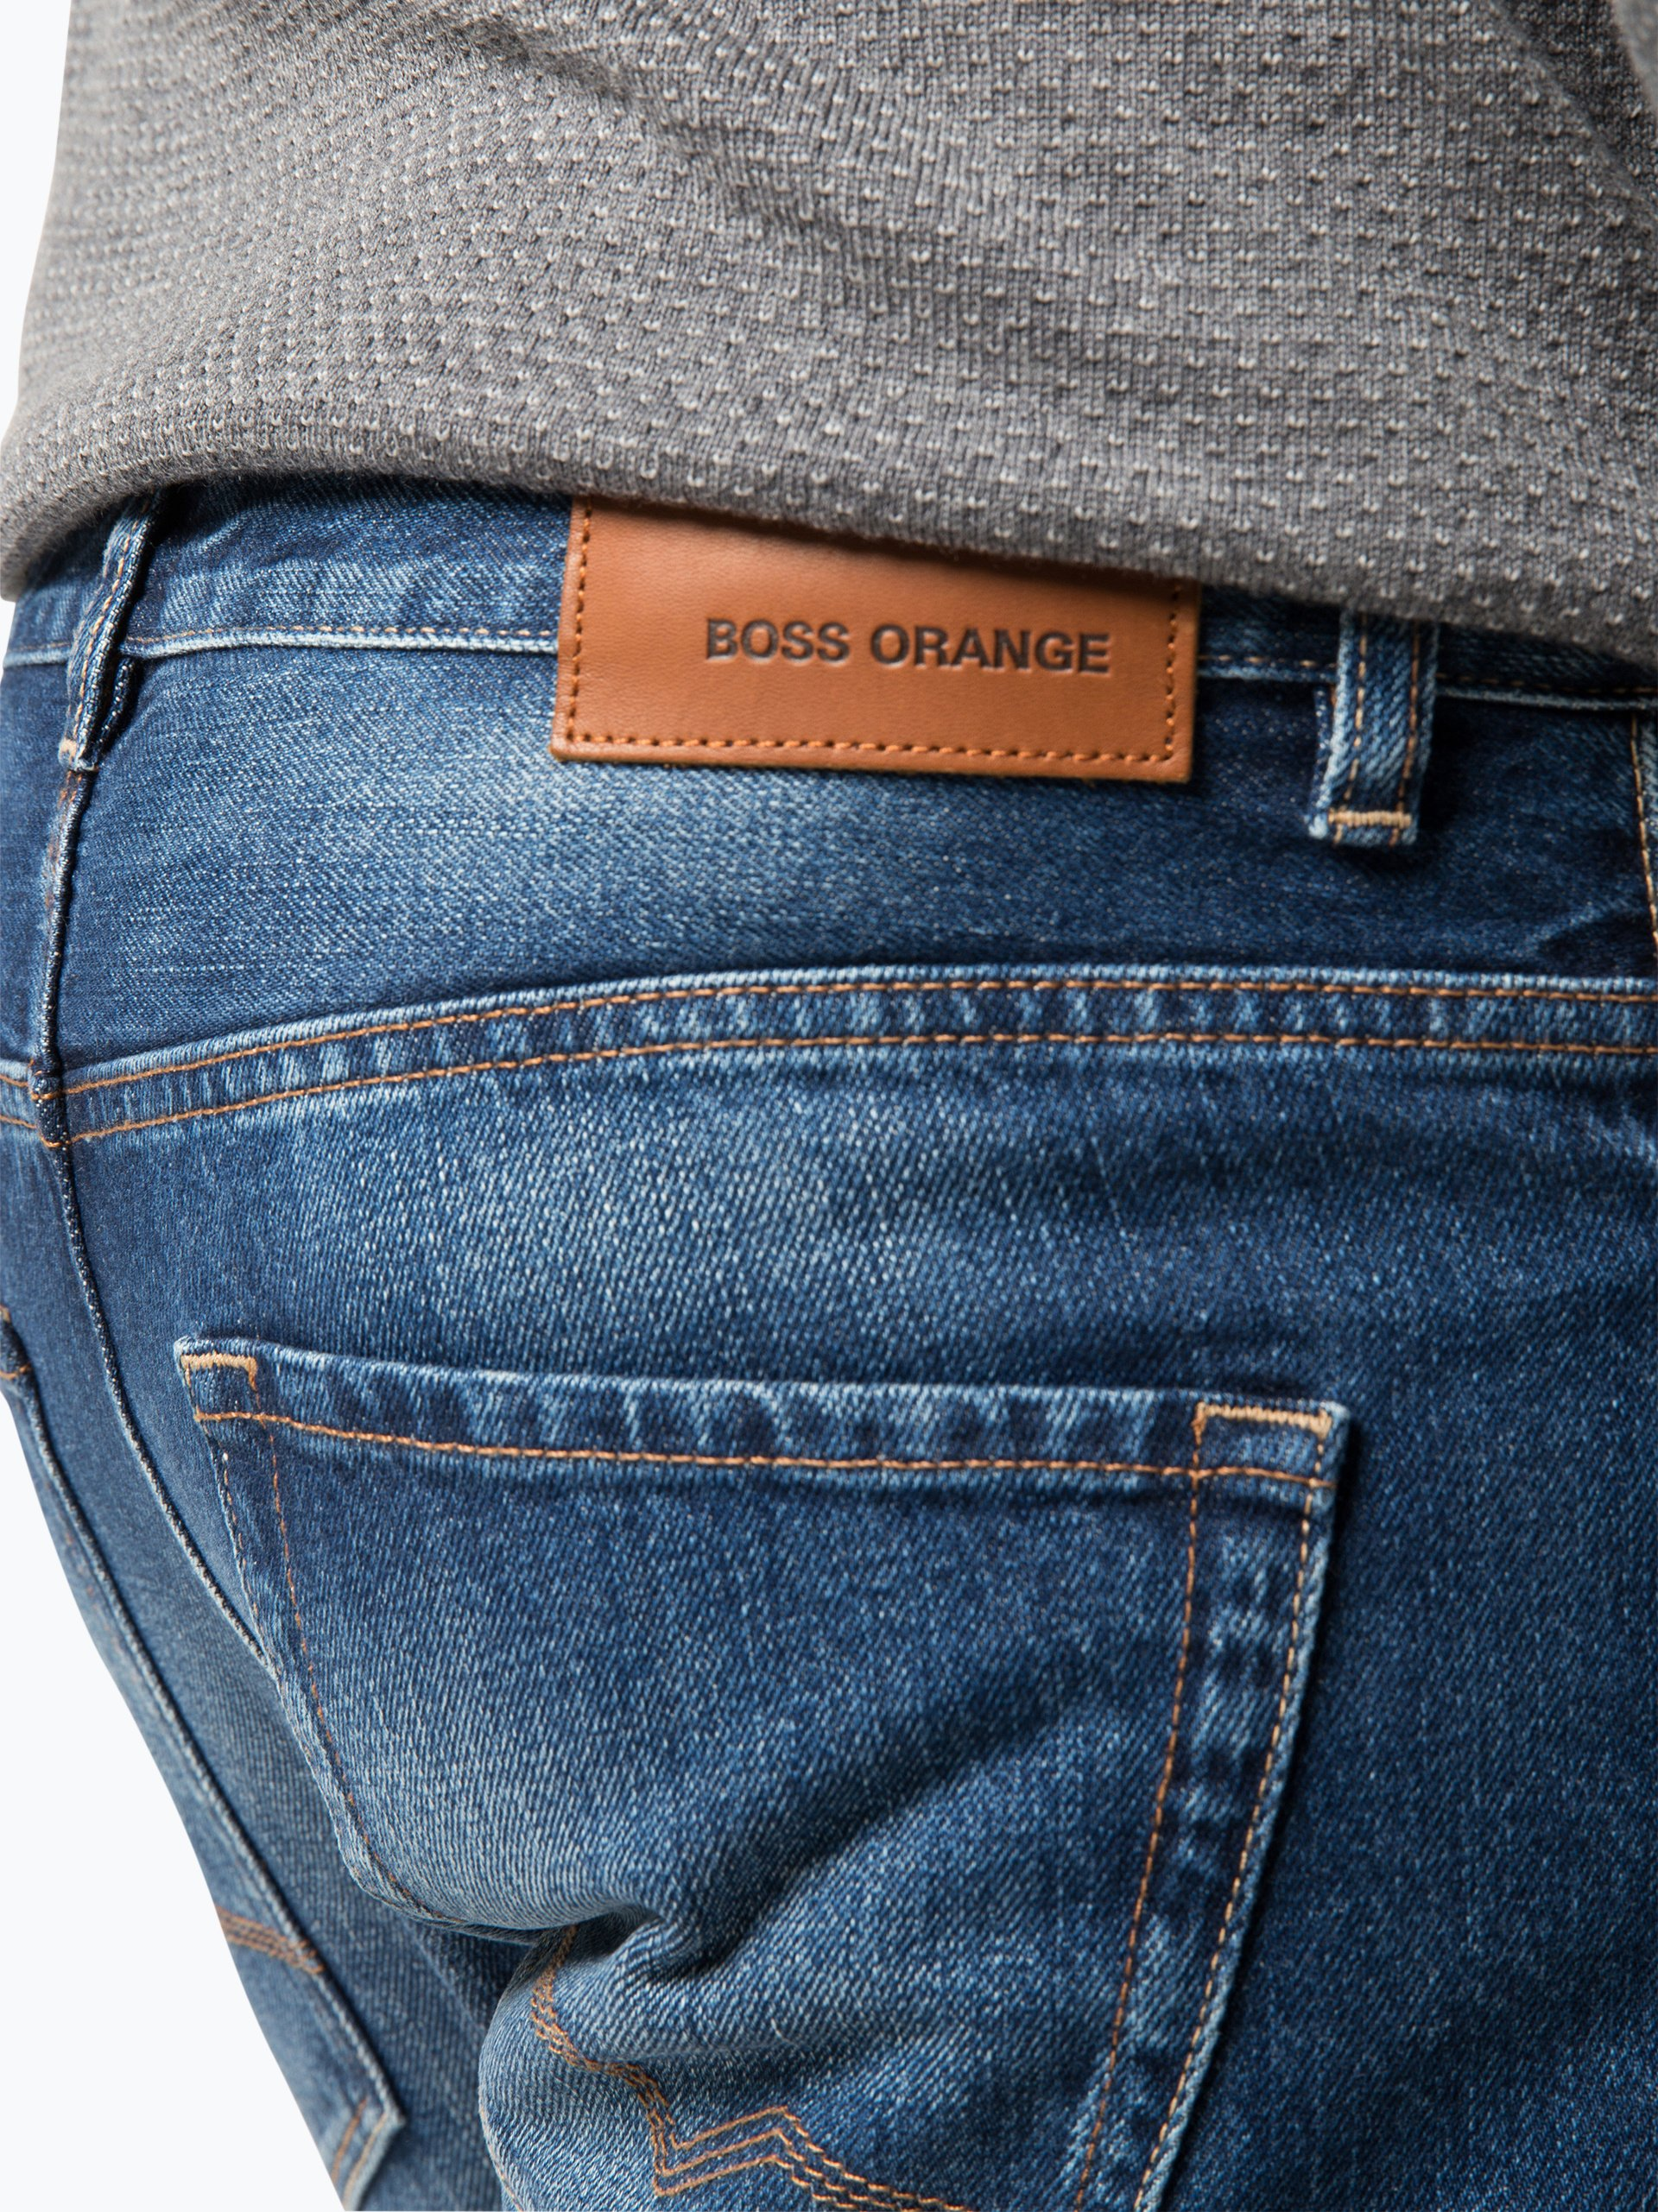 boss orange herren jeans orange 25 marine uni online kaufen peek und cloppenburg de. Black Bedroom Furniture Sets. Home Design Ideas